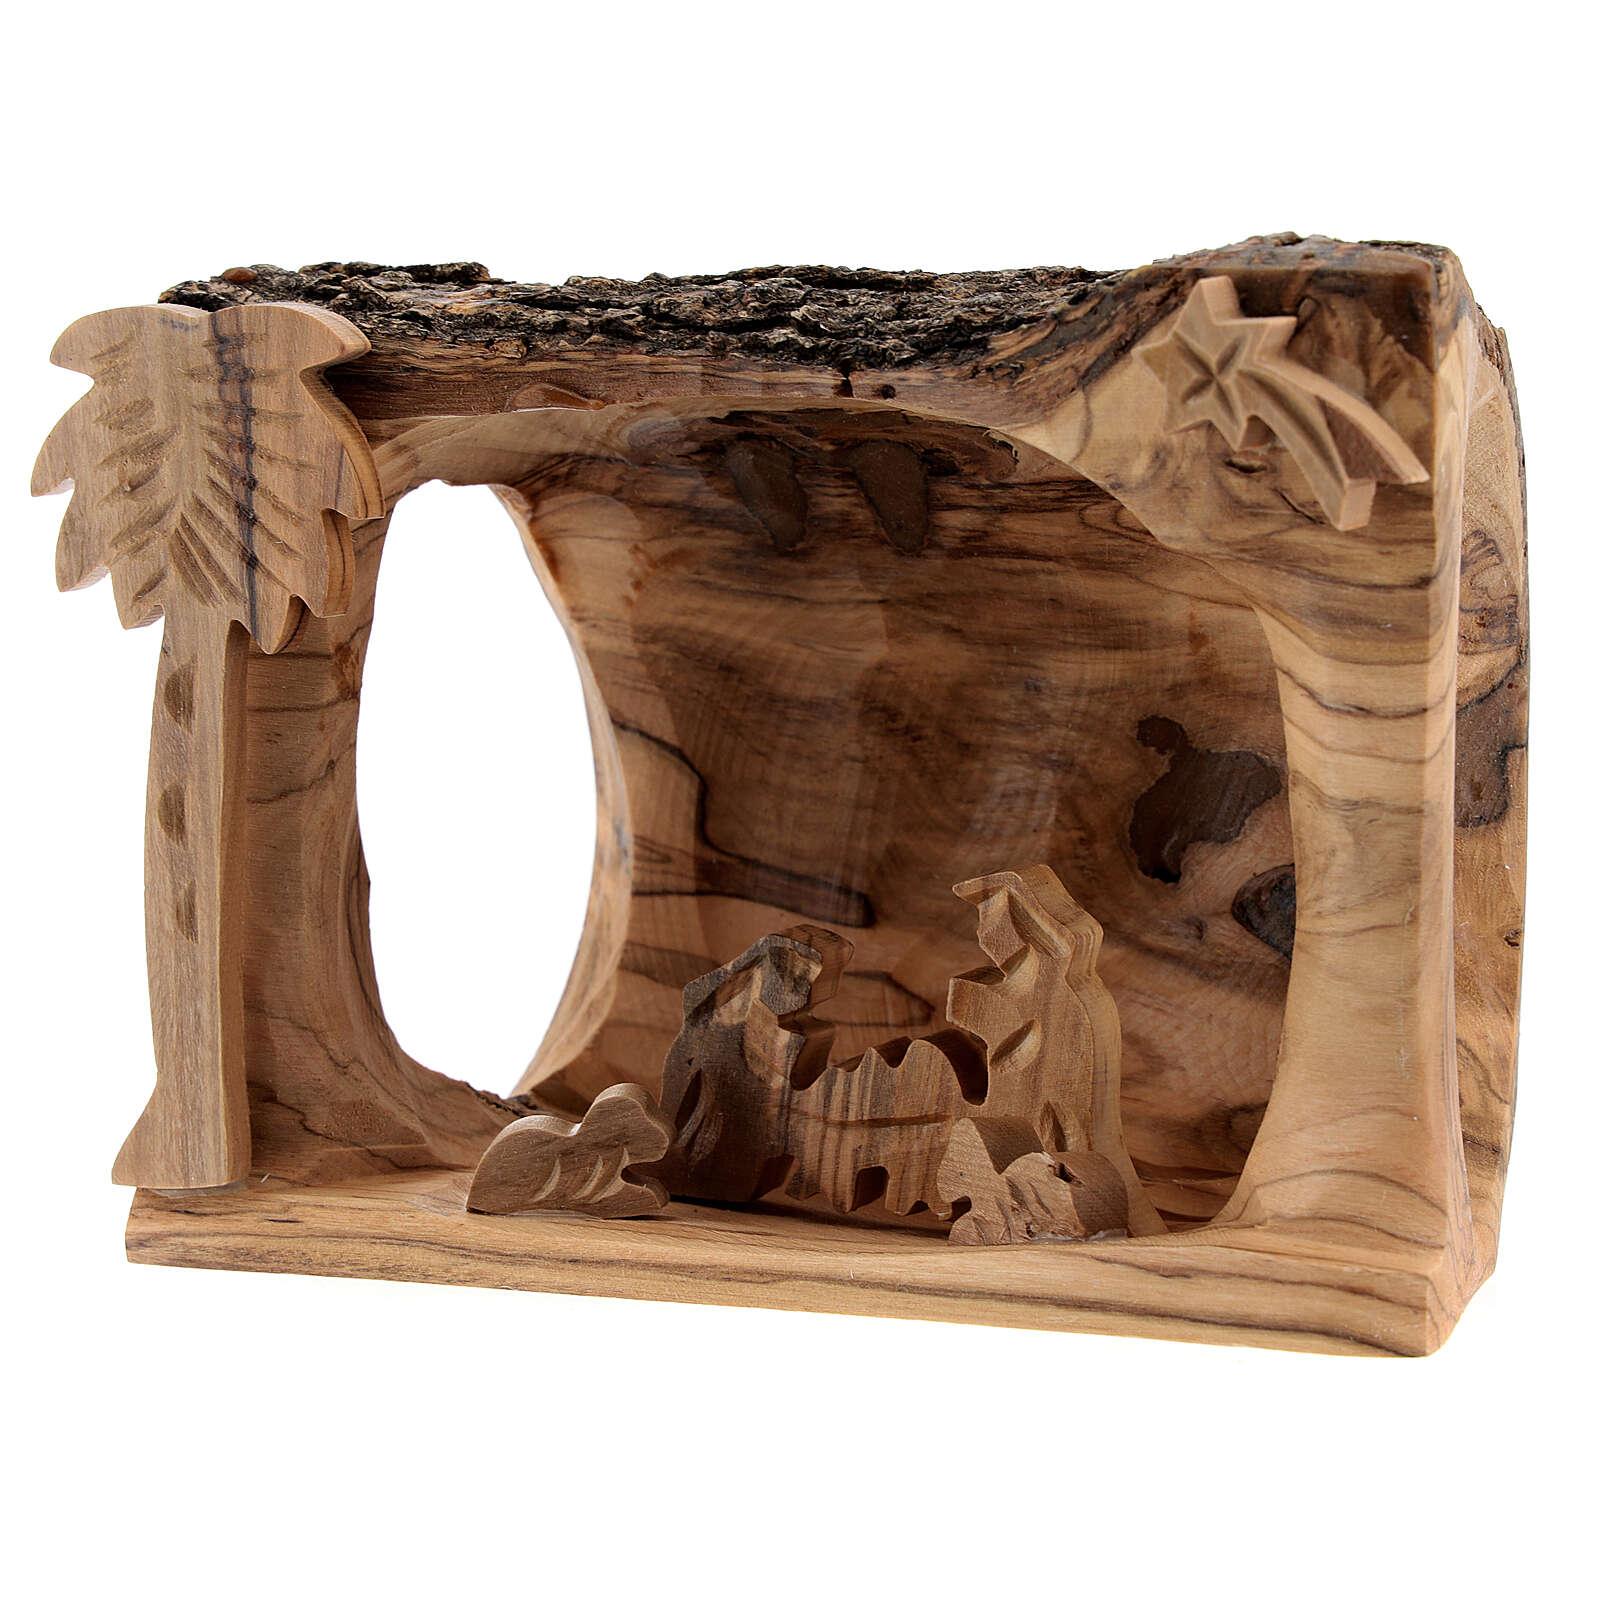 Capanna corteccia Natività 3,5 cm stilizzata legno ulivo Betlemme 10x10x5 cm 4